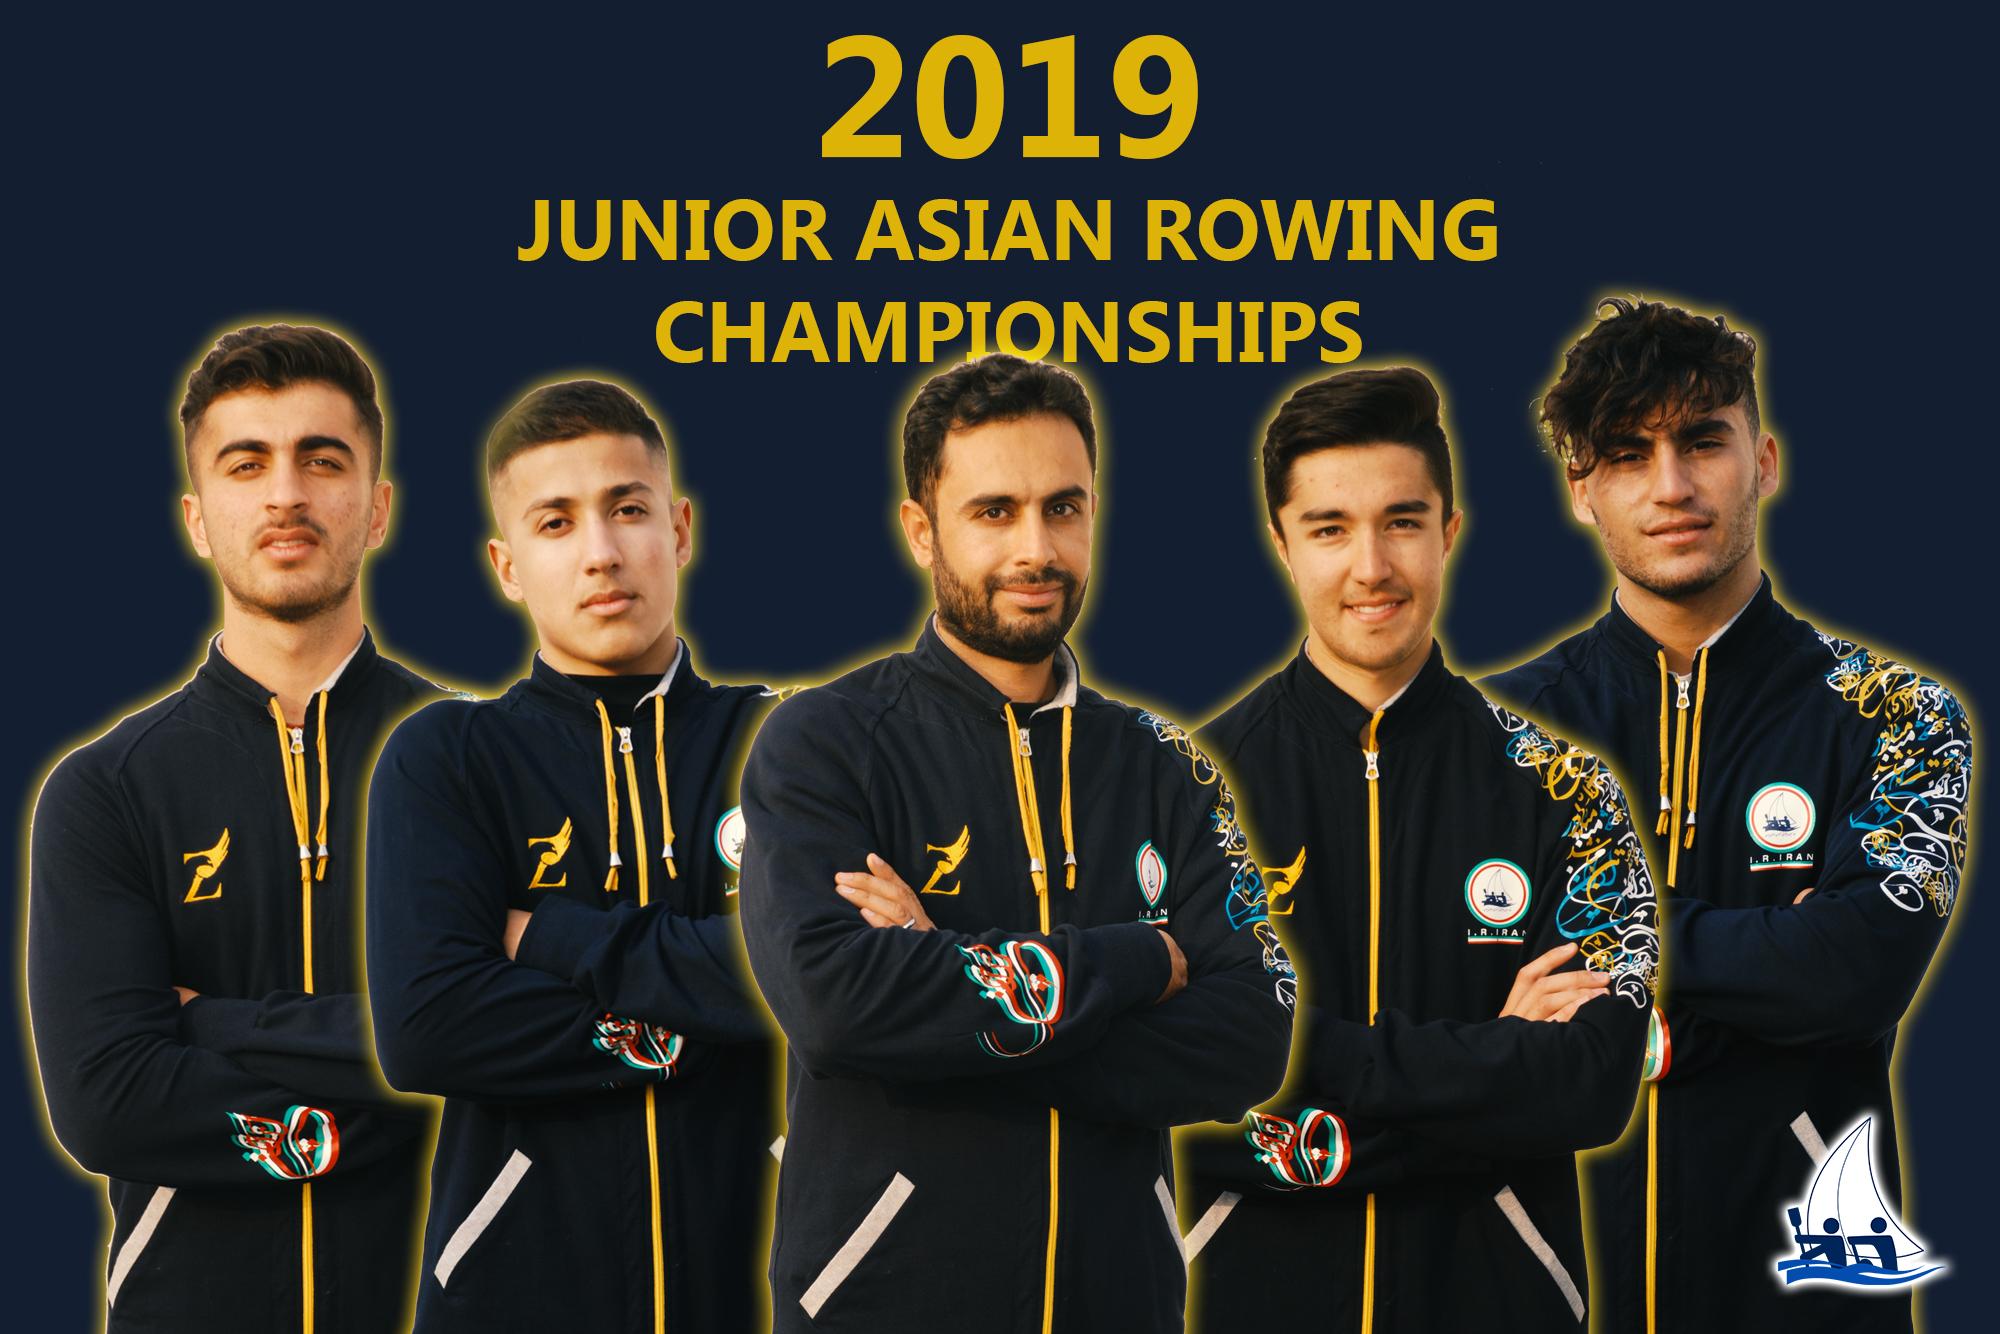 درخشش ملی پوشان ایران در کاپ روئینگ و مسابقات قهرمانی جوانان آسیا